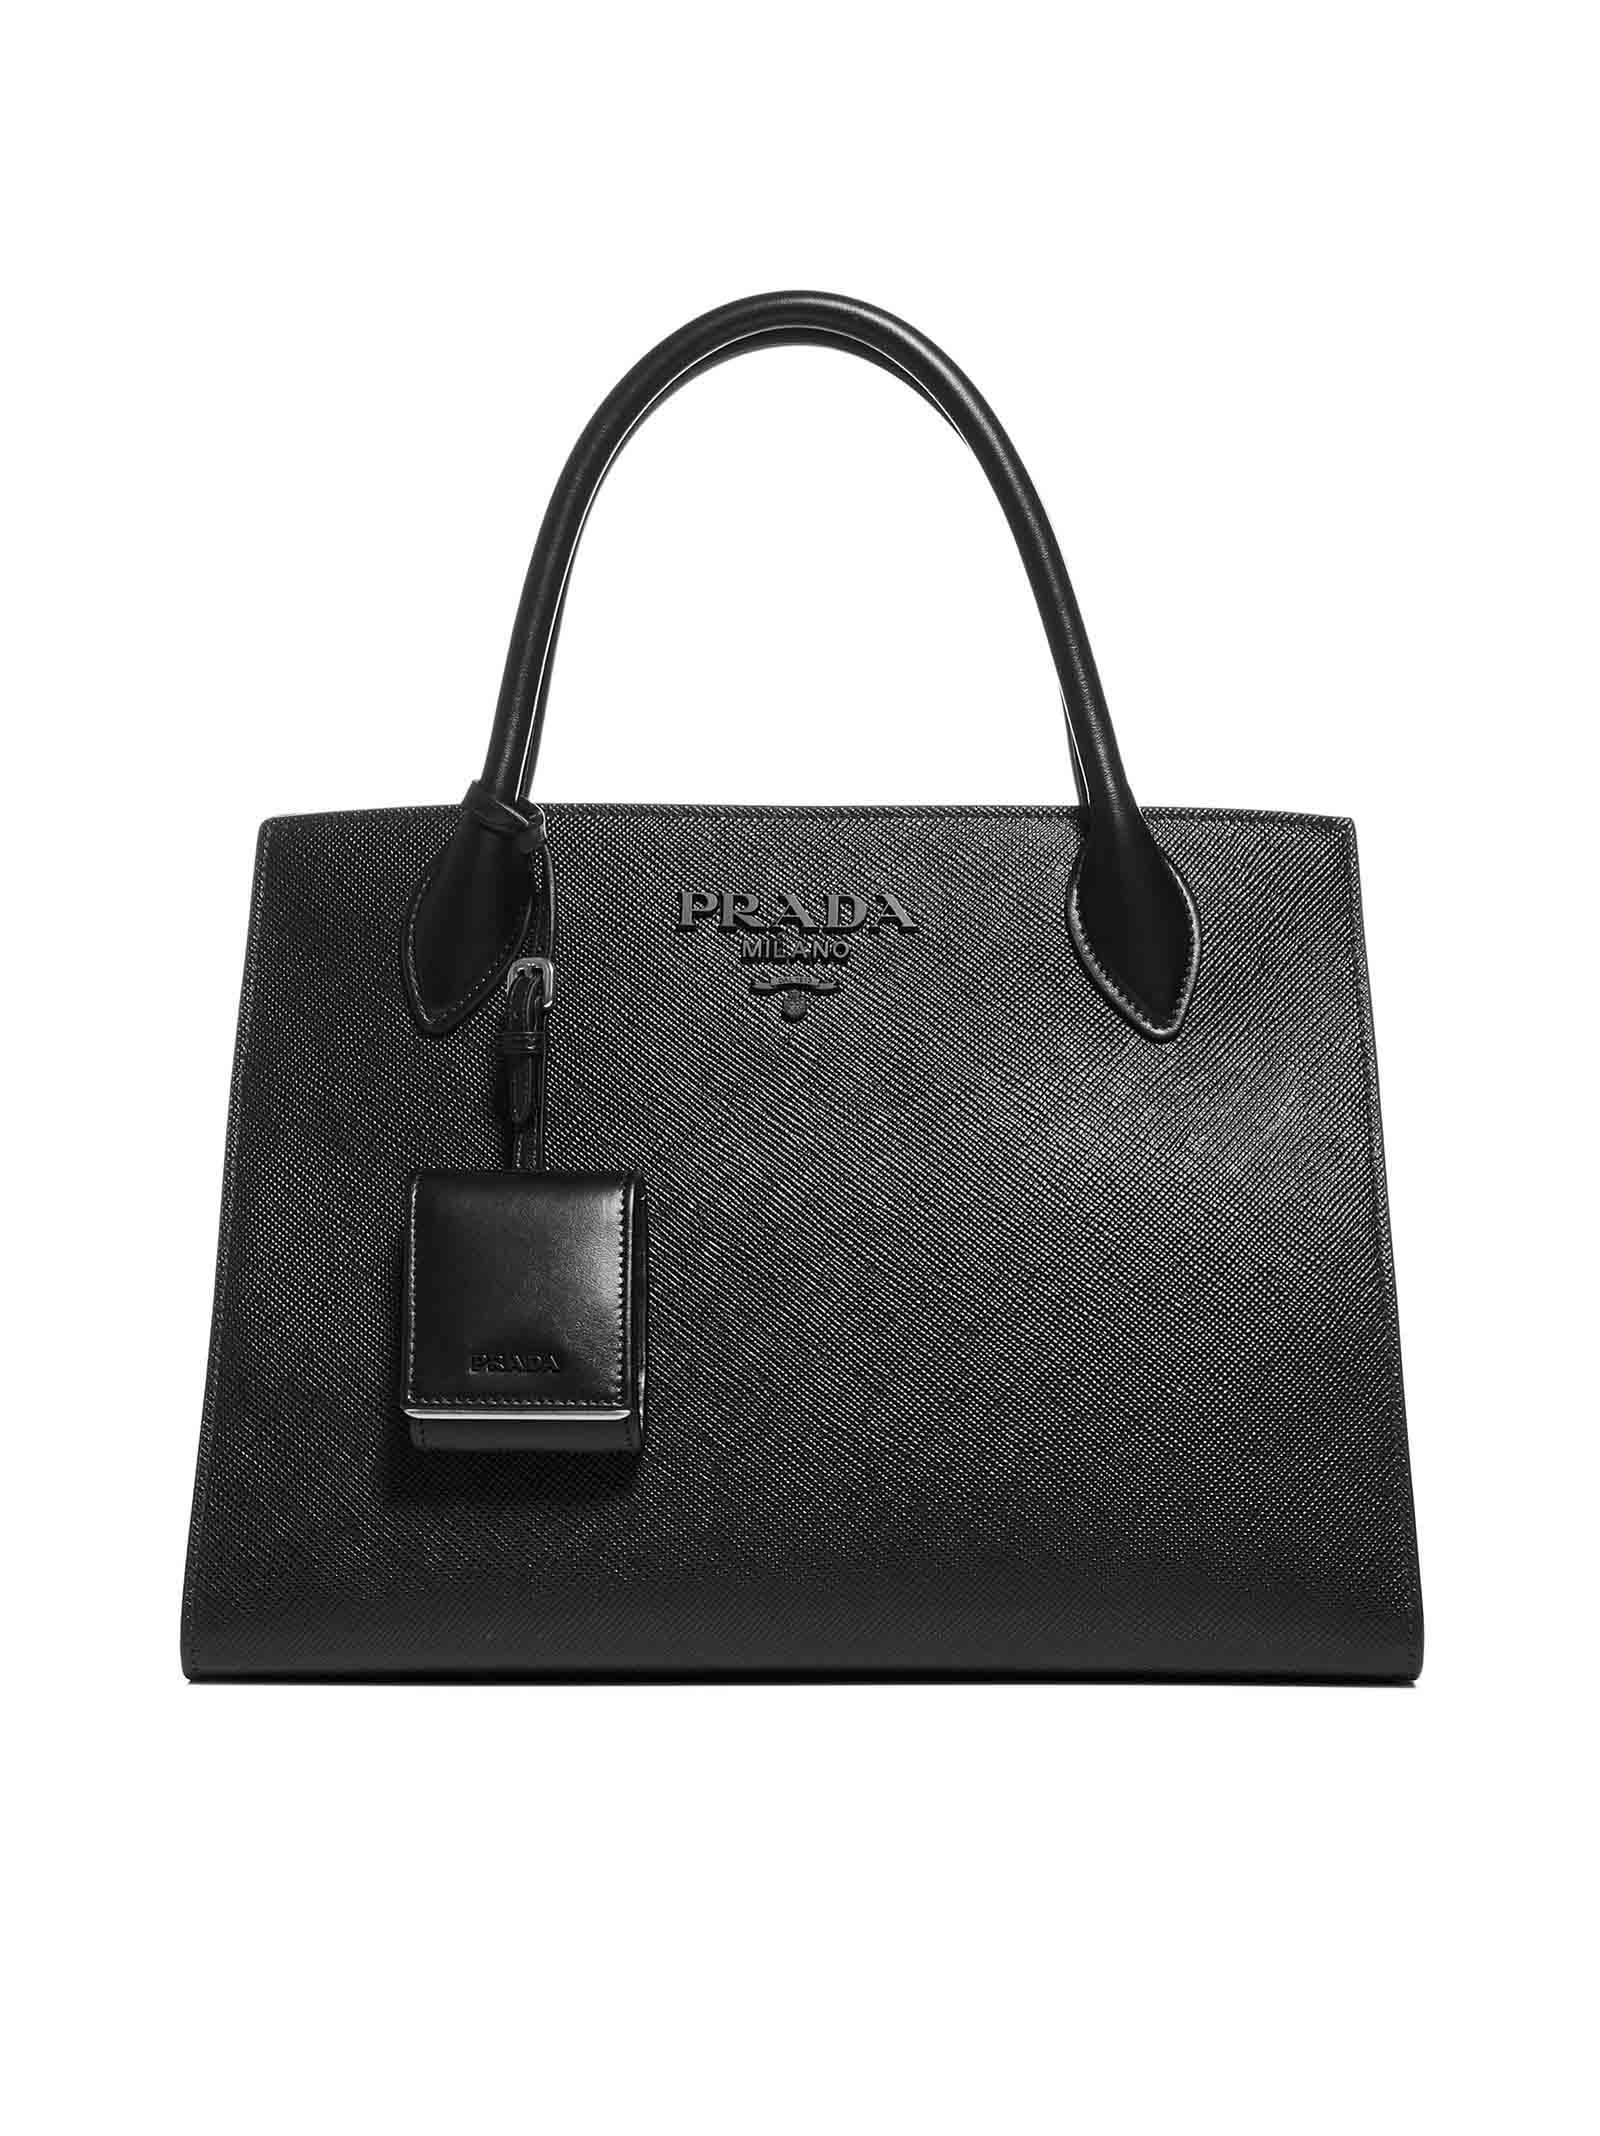 Prada monochrome Midi Handbag